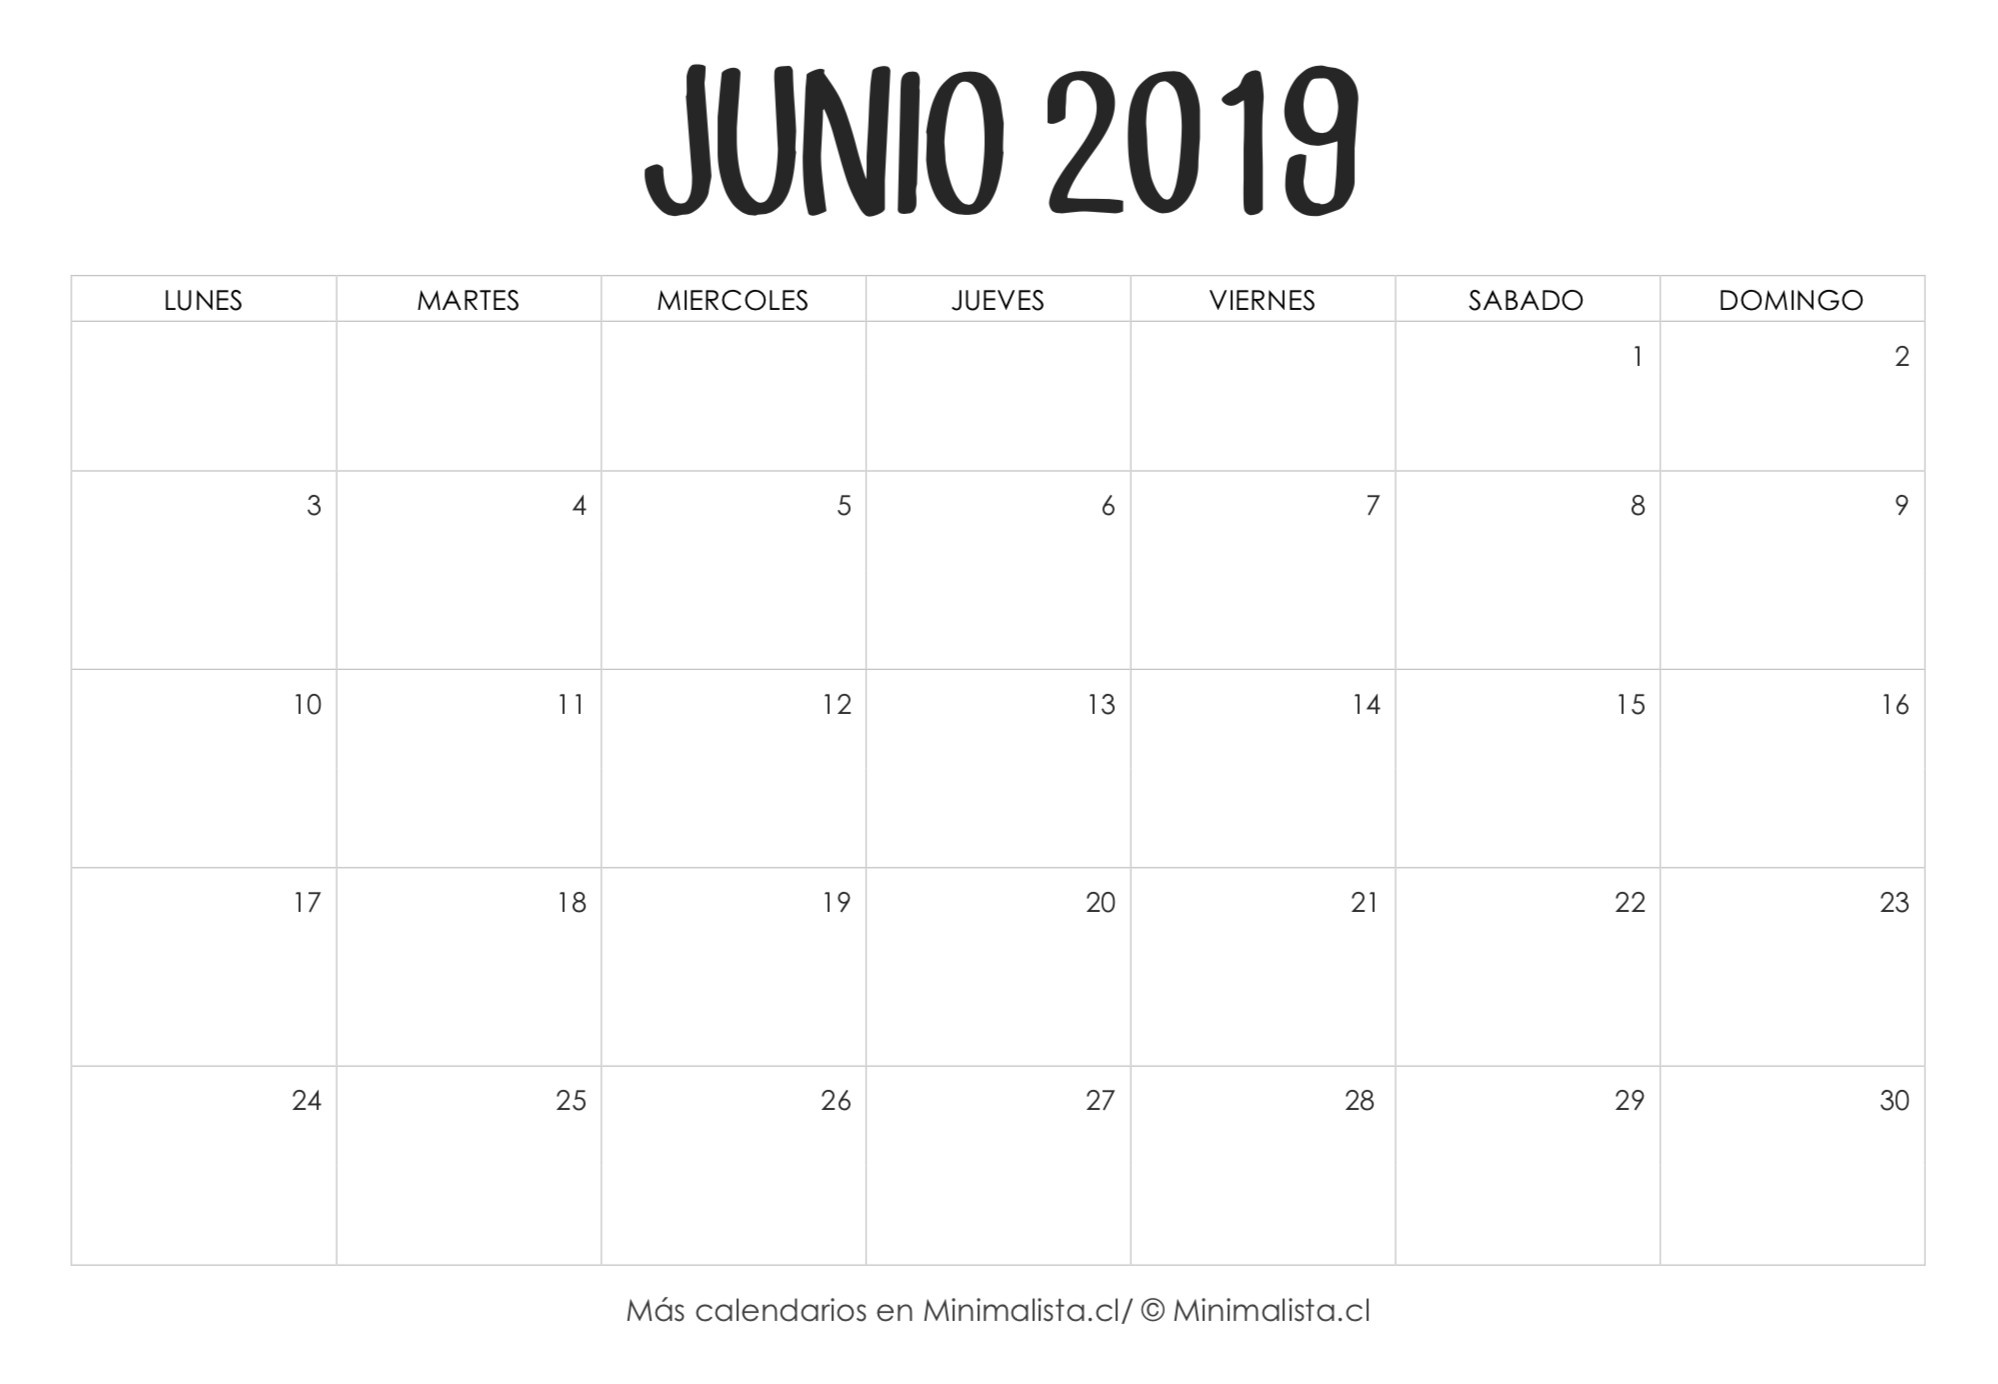 Calendario 2019 Colombia Con Festivos Pdf Más Populares Best Calendario Enero 2017 Para Imprimir Pdf Image Collection Of Calendario 2019 Colombia Con Festivos Pdf Mejores Y Más Novedosos Noticias Calendario Para Imprimir Con Festivos 2019